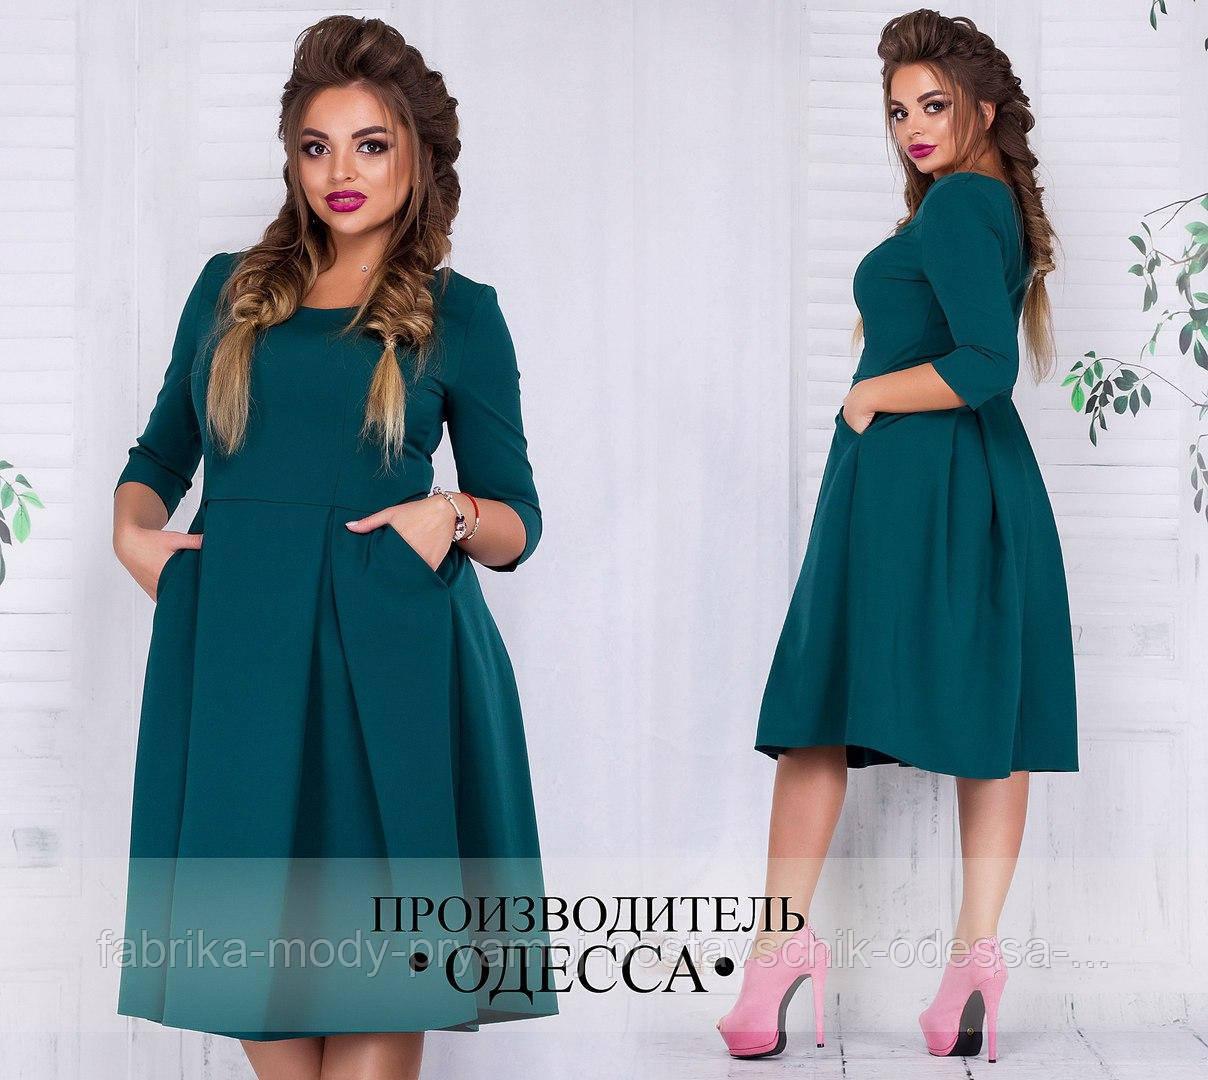 Зеленое платье большого размера недорого Украина - Фабрика Моды -прямой  поставщик Одесса в Одессе f2b141c71f4